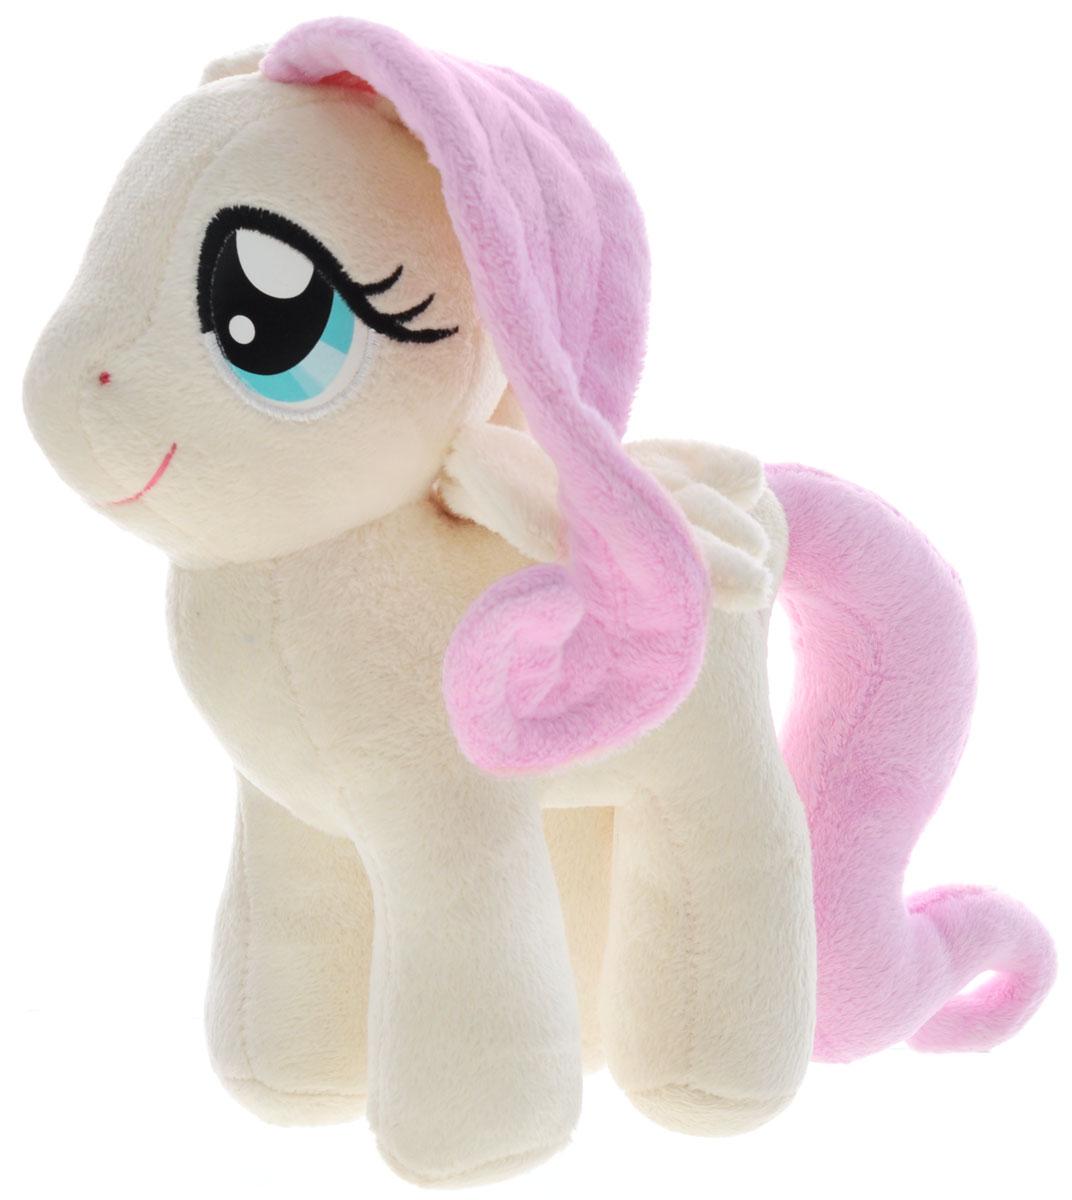 My Little Pony Мягкая игрушка Пони Флаттершай цвет кремовый 22 см playskool мягкая озвученная игрушка my little pony пони рейнбоу дэш 25 см